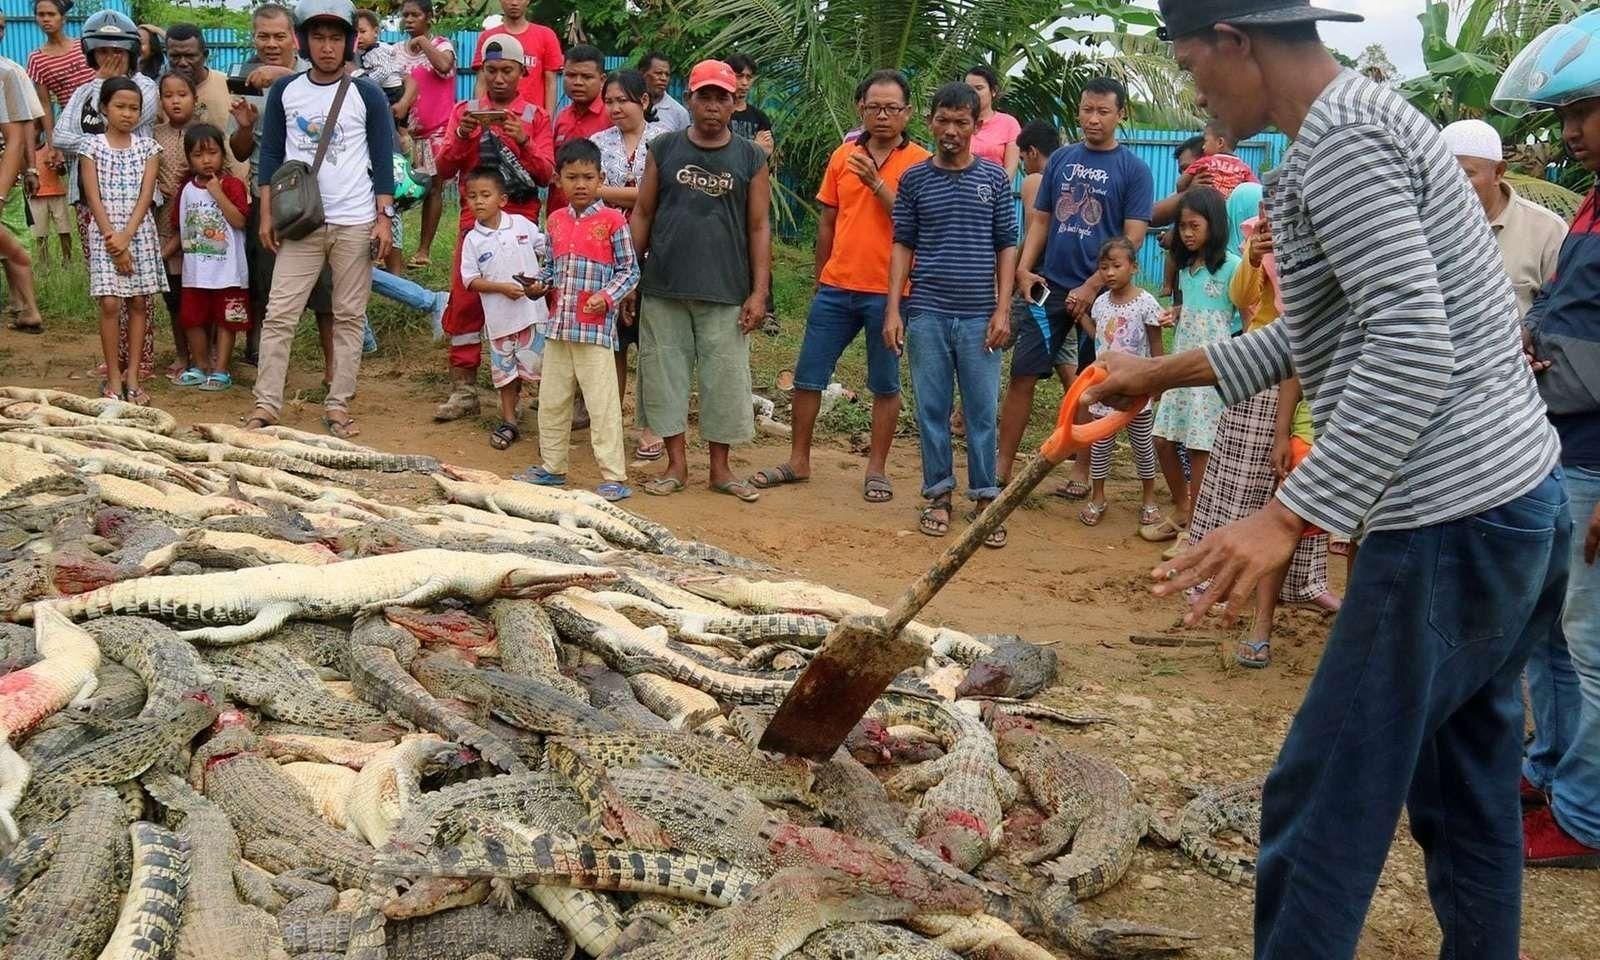 Талийгаачийнхаа өшөөг матарнуудаас авсан хэрэг Индонезид гарчээ